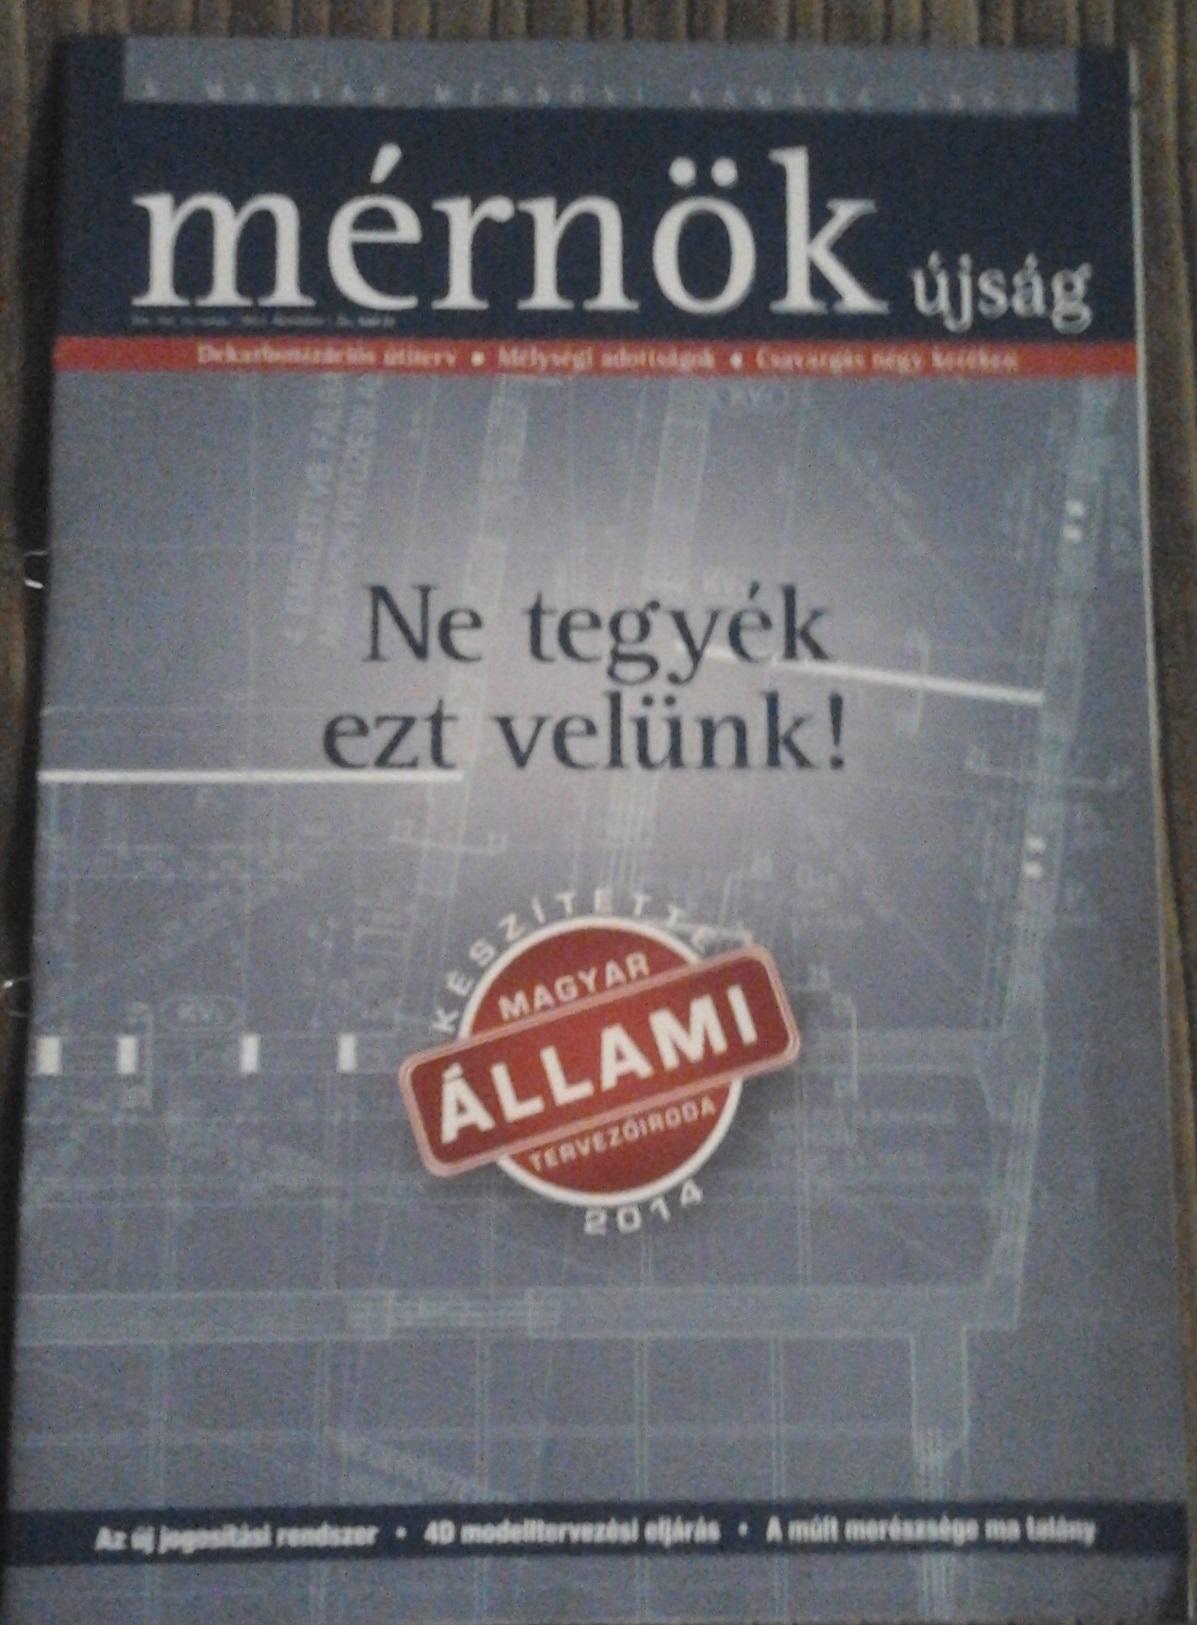 mernok_ujs.jpg